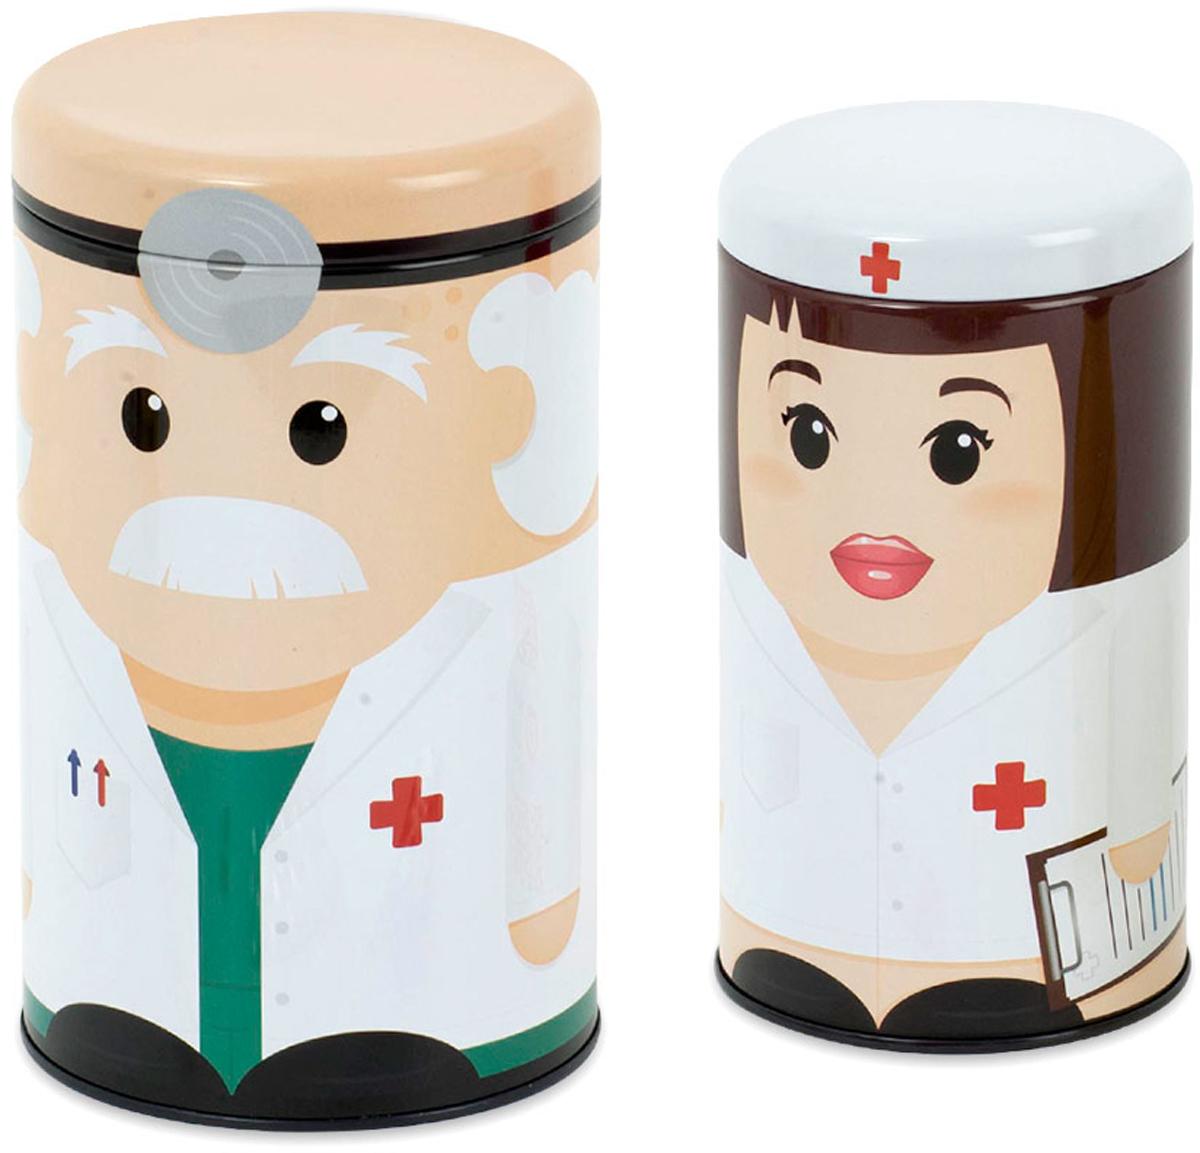 Контейнер для таблеток Balvi Dr. & Nurse, цвет: белый, 2 шт25699Скучные и непрактичные домашние аптечки изжили свое. Настало время оригинального решения для хранения лекарственных препаратов. Контейнеры для медикаментов Dr. & Nurse выполнены в виде добродушного доктора и заботливой медсестры. Оба футляра выполнены из прочного металла и плотно закрываются металлическими крышками. Емкости эффективно справятся с хранением лекарств любого вида и станут отличным украшением комнаты. Ваши друзья наверняка оценят столь полезный подарок и поблагодарят вас за заботу об их здоровье.-Контейнеры выполнены в виде врача и медсестры-Изготовлены из прочного металла-В комплекте сразу два бокса для хранения лекарств